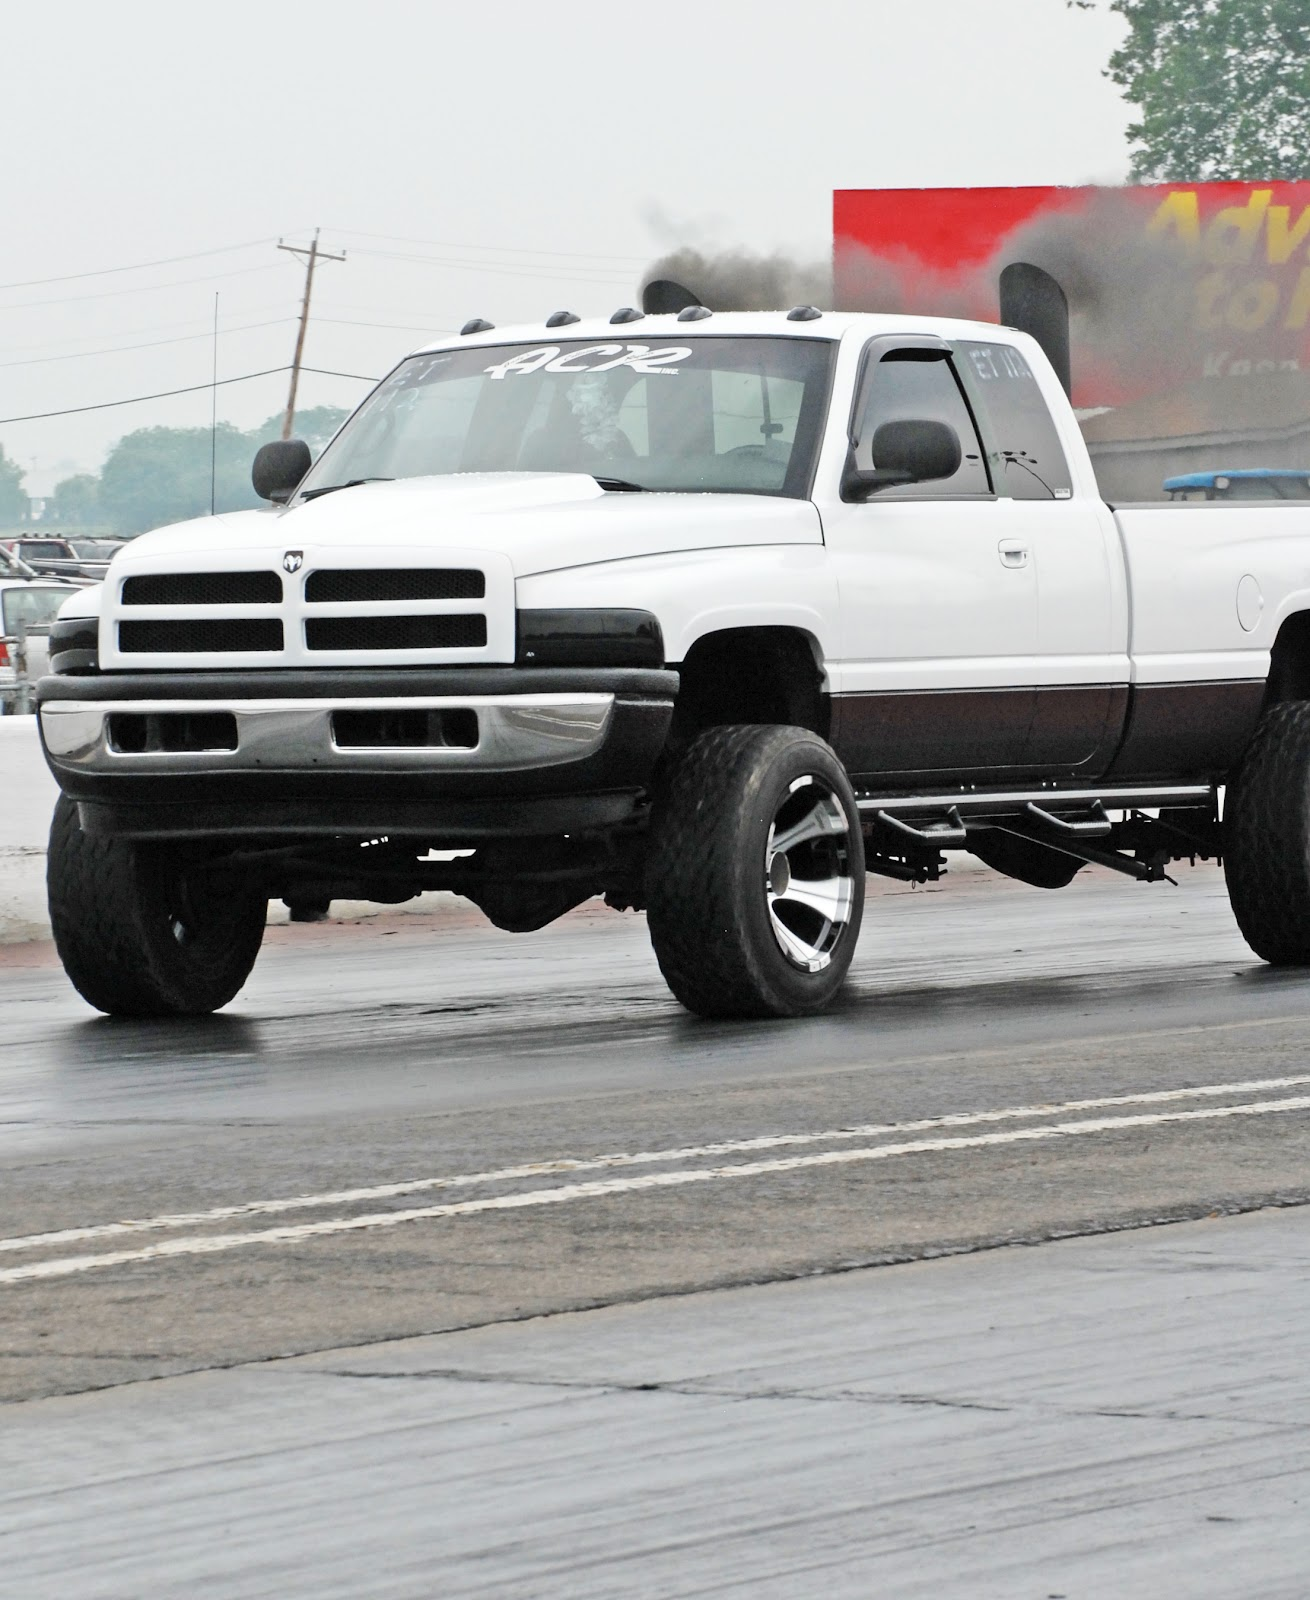 Diesel motorsports june 2012 for Muncie u pull